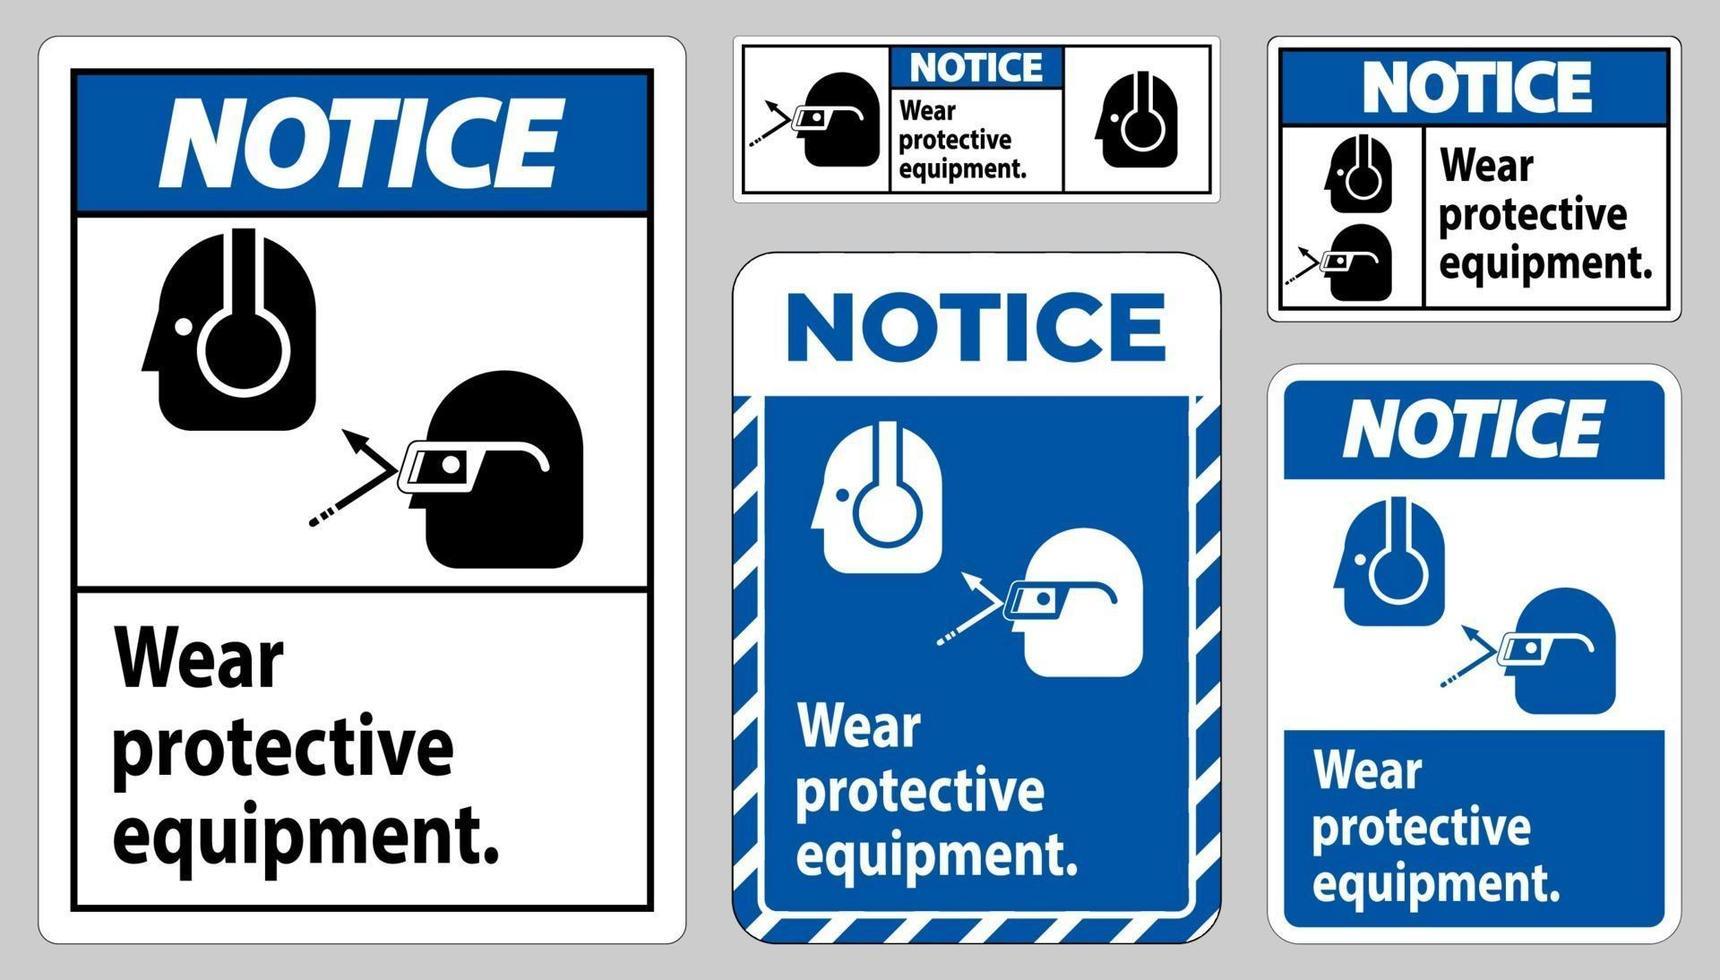 panneau d'avis porter un équipement de protection avec des lunettes et des lunettes graphiques vecteur